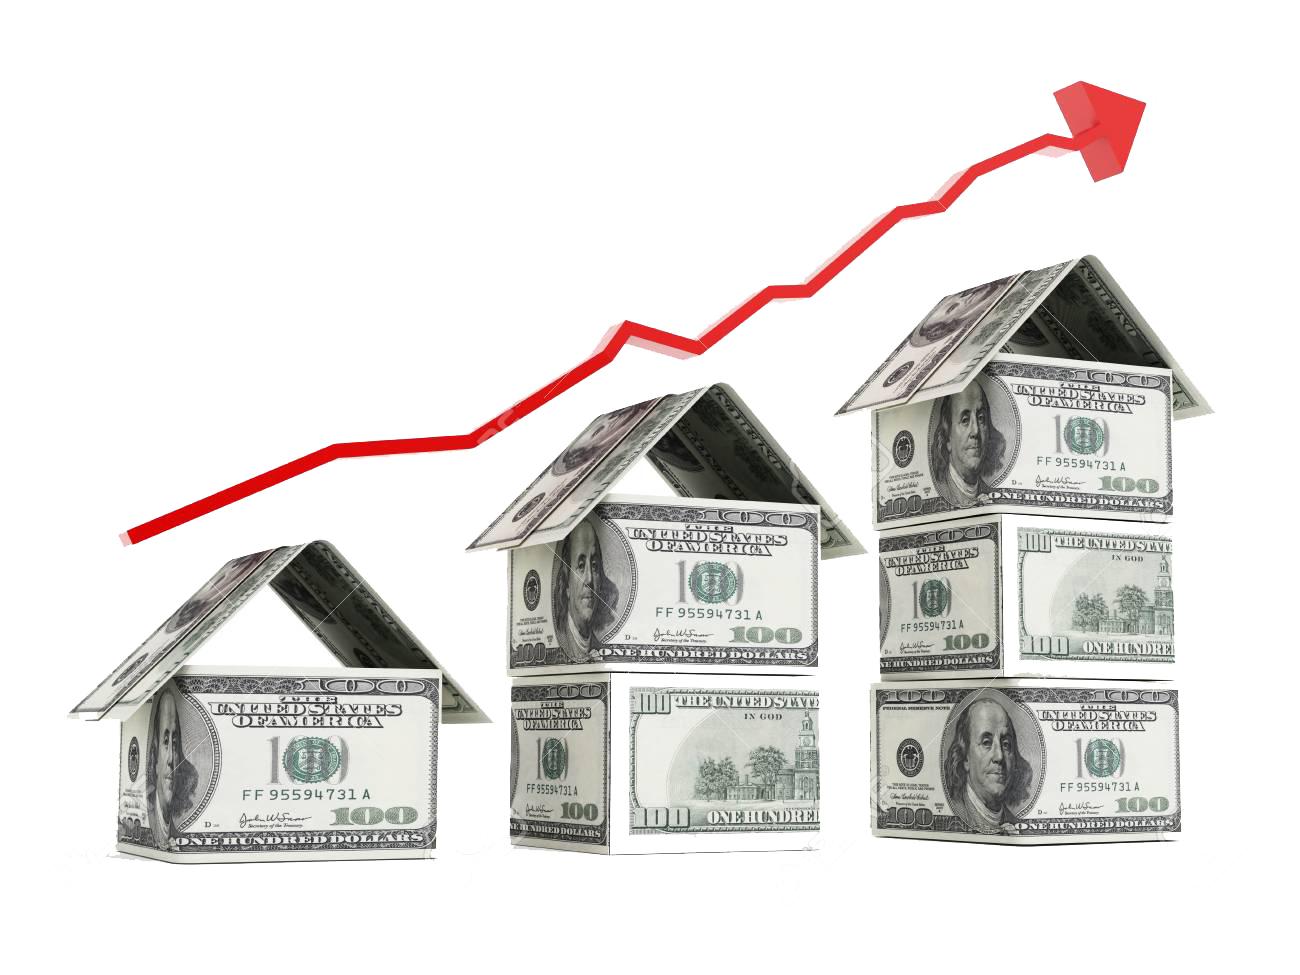 اخبار و عوامل موثر بر افزایش قیمت مسکن